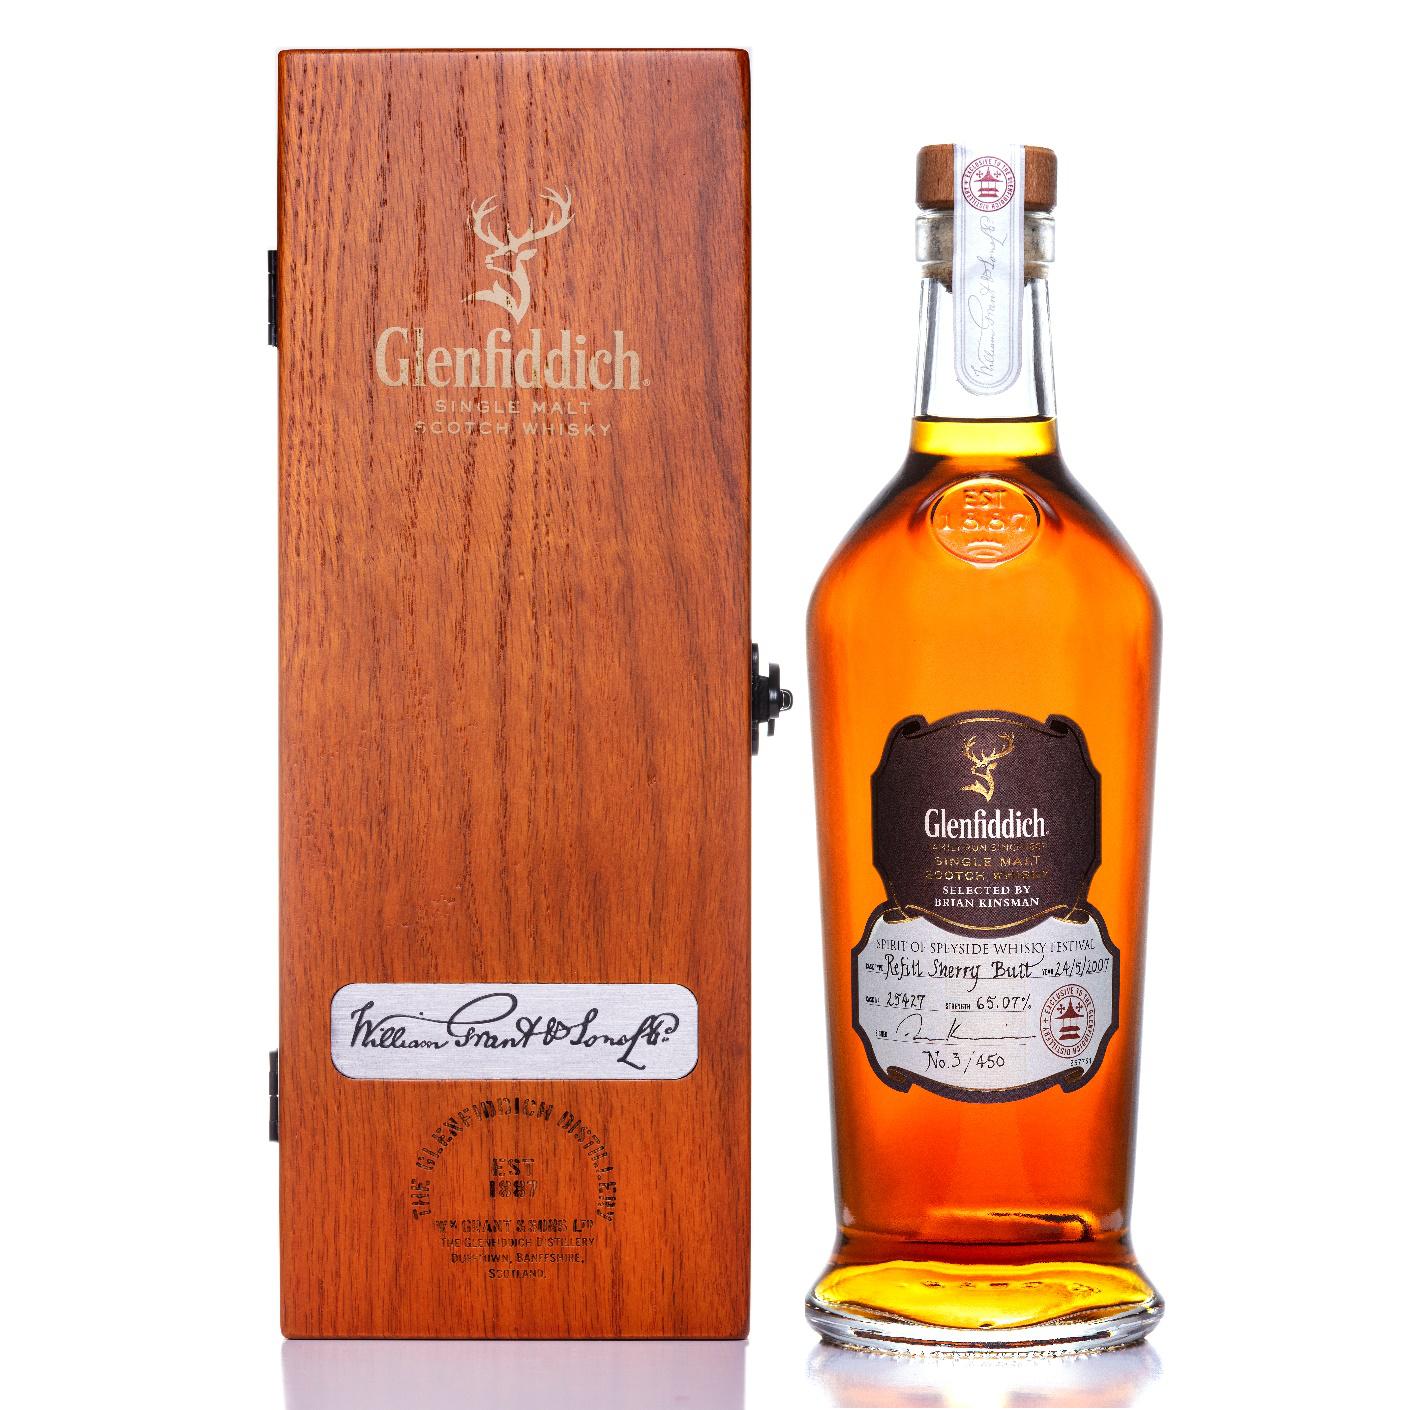 格兰菲迪携手Whisky Auctioneer举办拍卖会, 筹得24万英镑善款